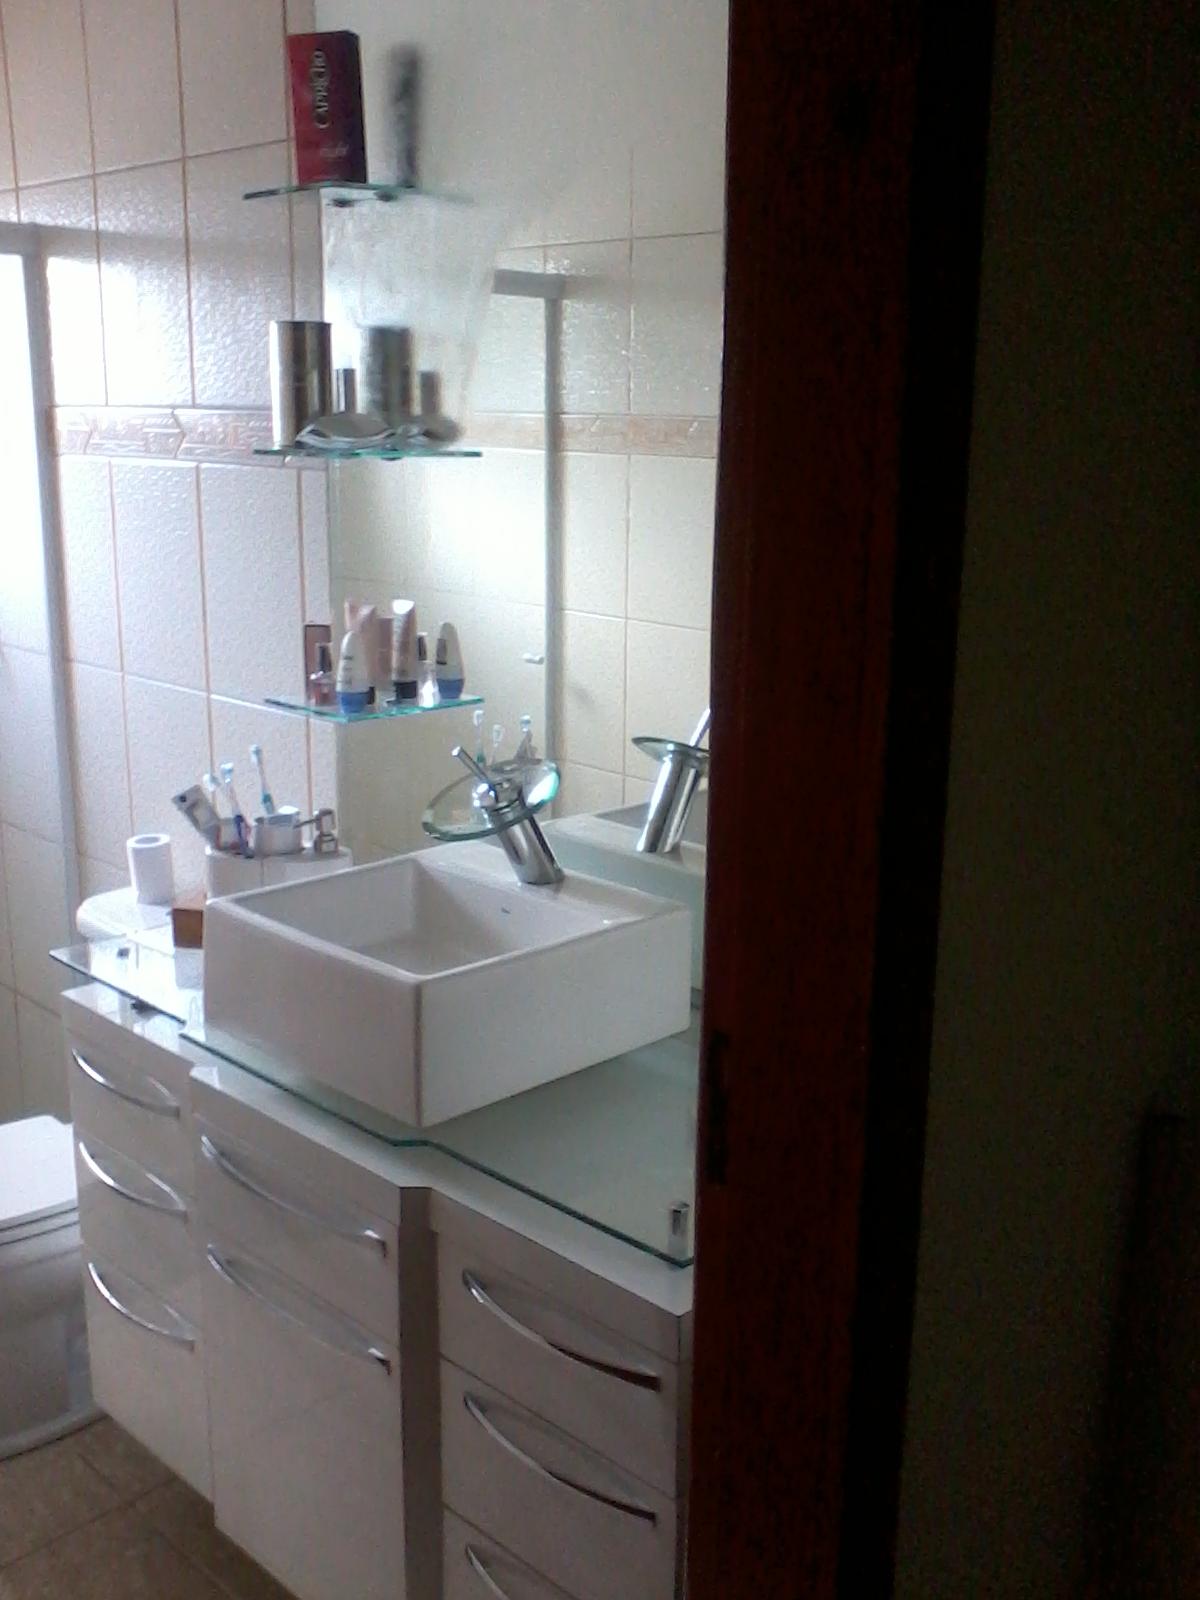 Picolo Marcenaria Móveis Planejados: Balcão de Banheiro #1A110A 1200x1600 Balcao Banheiro Moderno